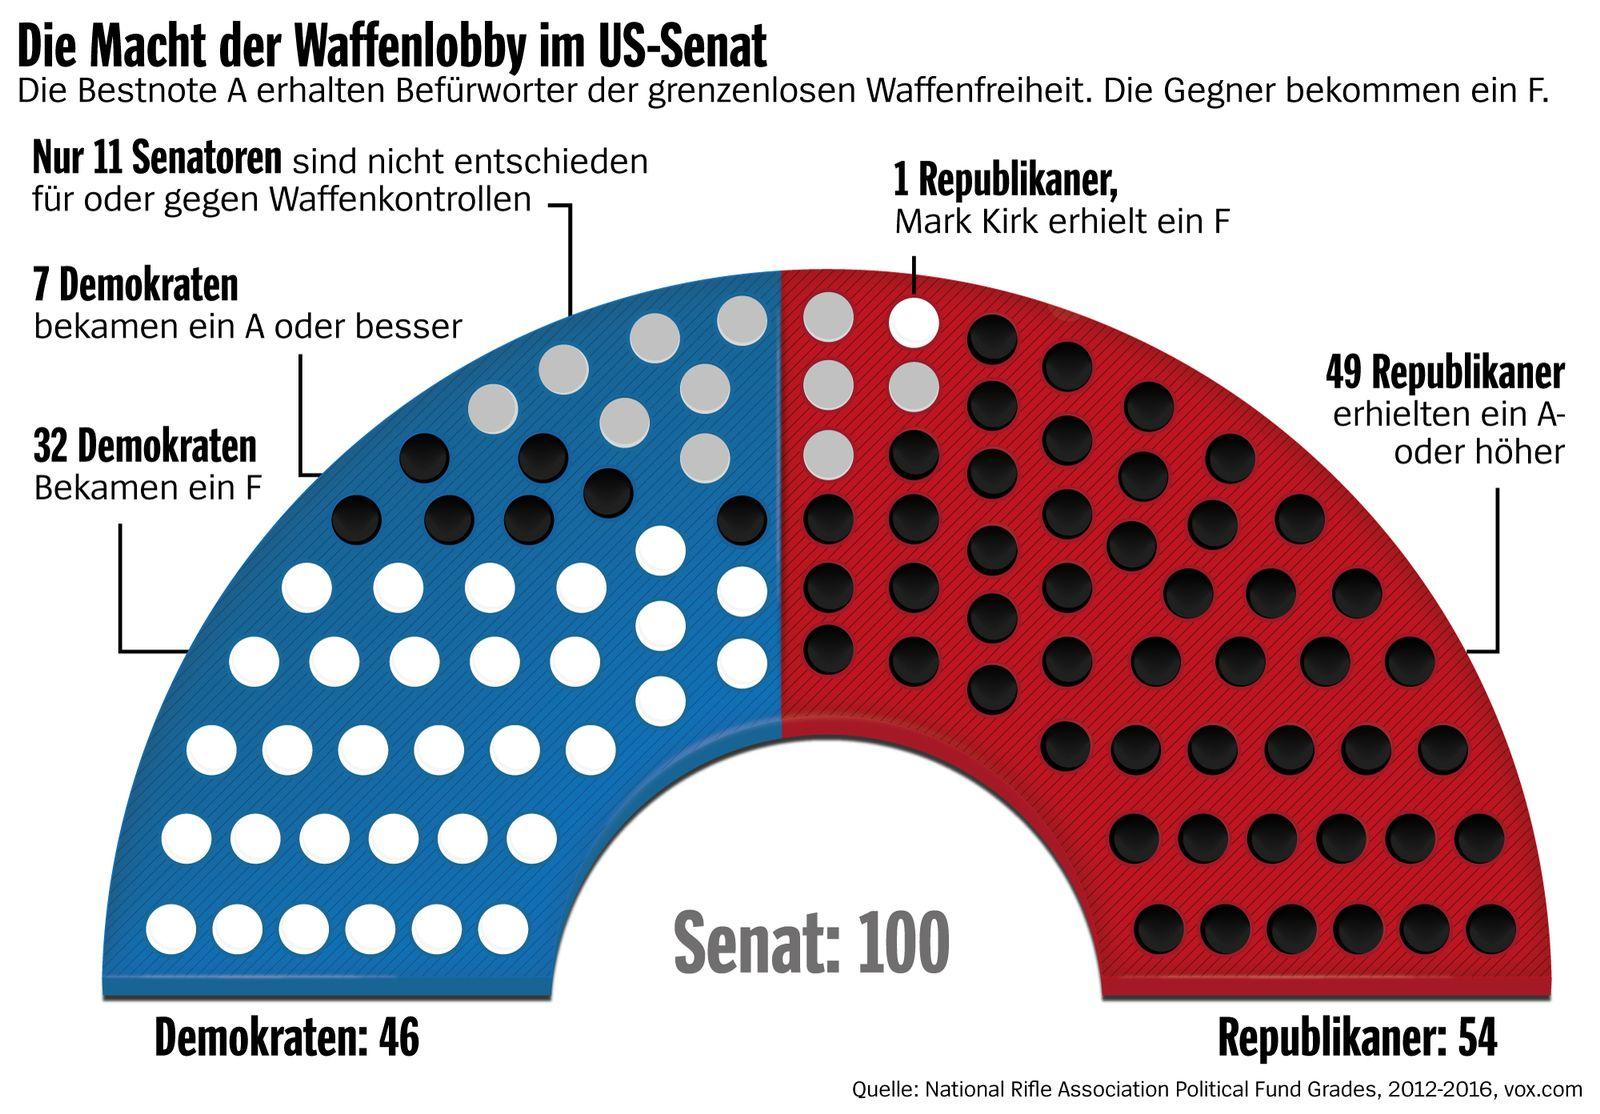 Die MAcht der Waffenlobby im US Senat